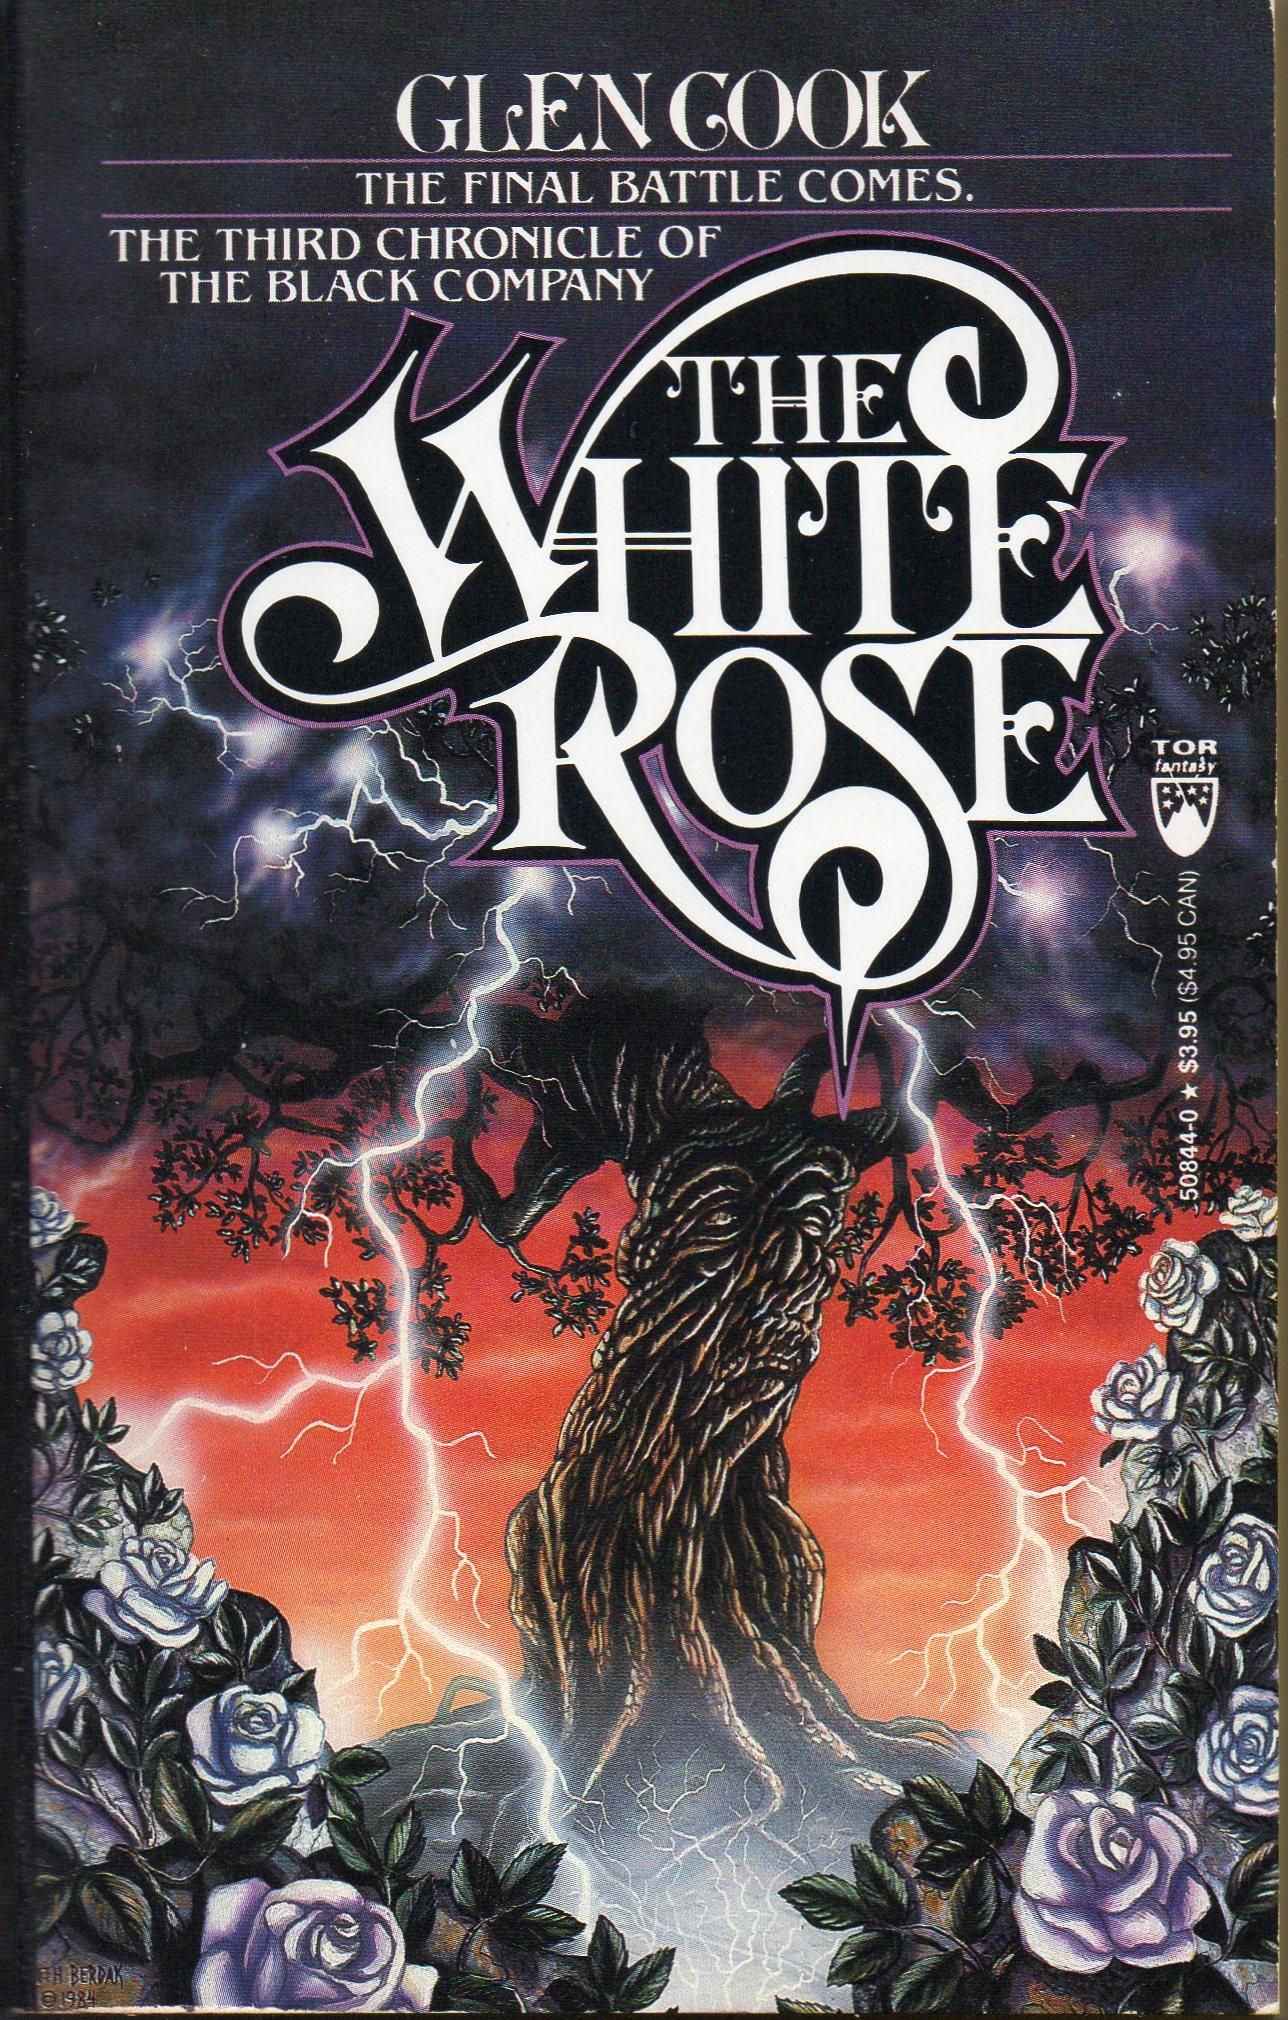 White-rose-glen-cook-paperback-cover-art